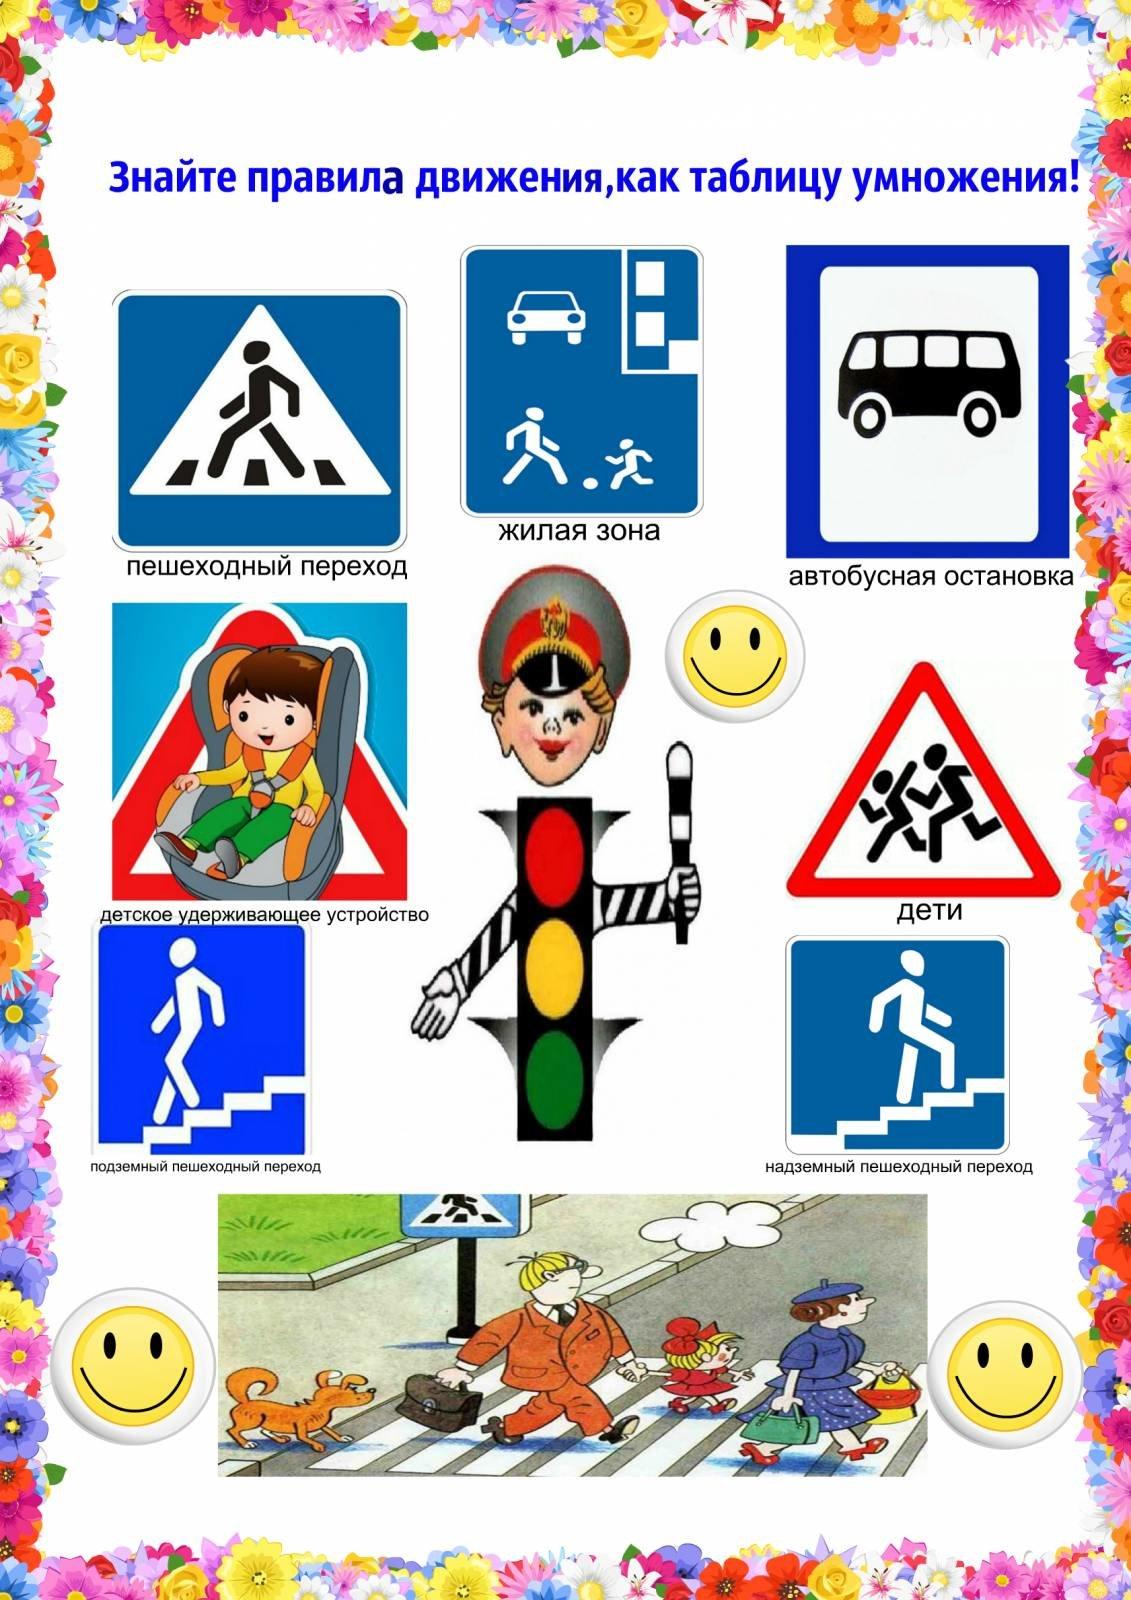 ядовитые картинки дорожные знаки по пдд для начальной школы может